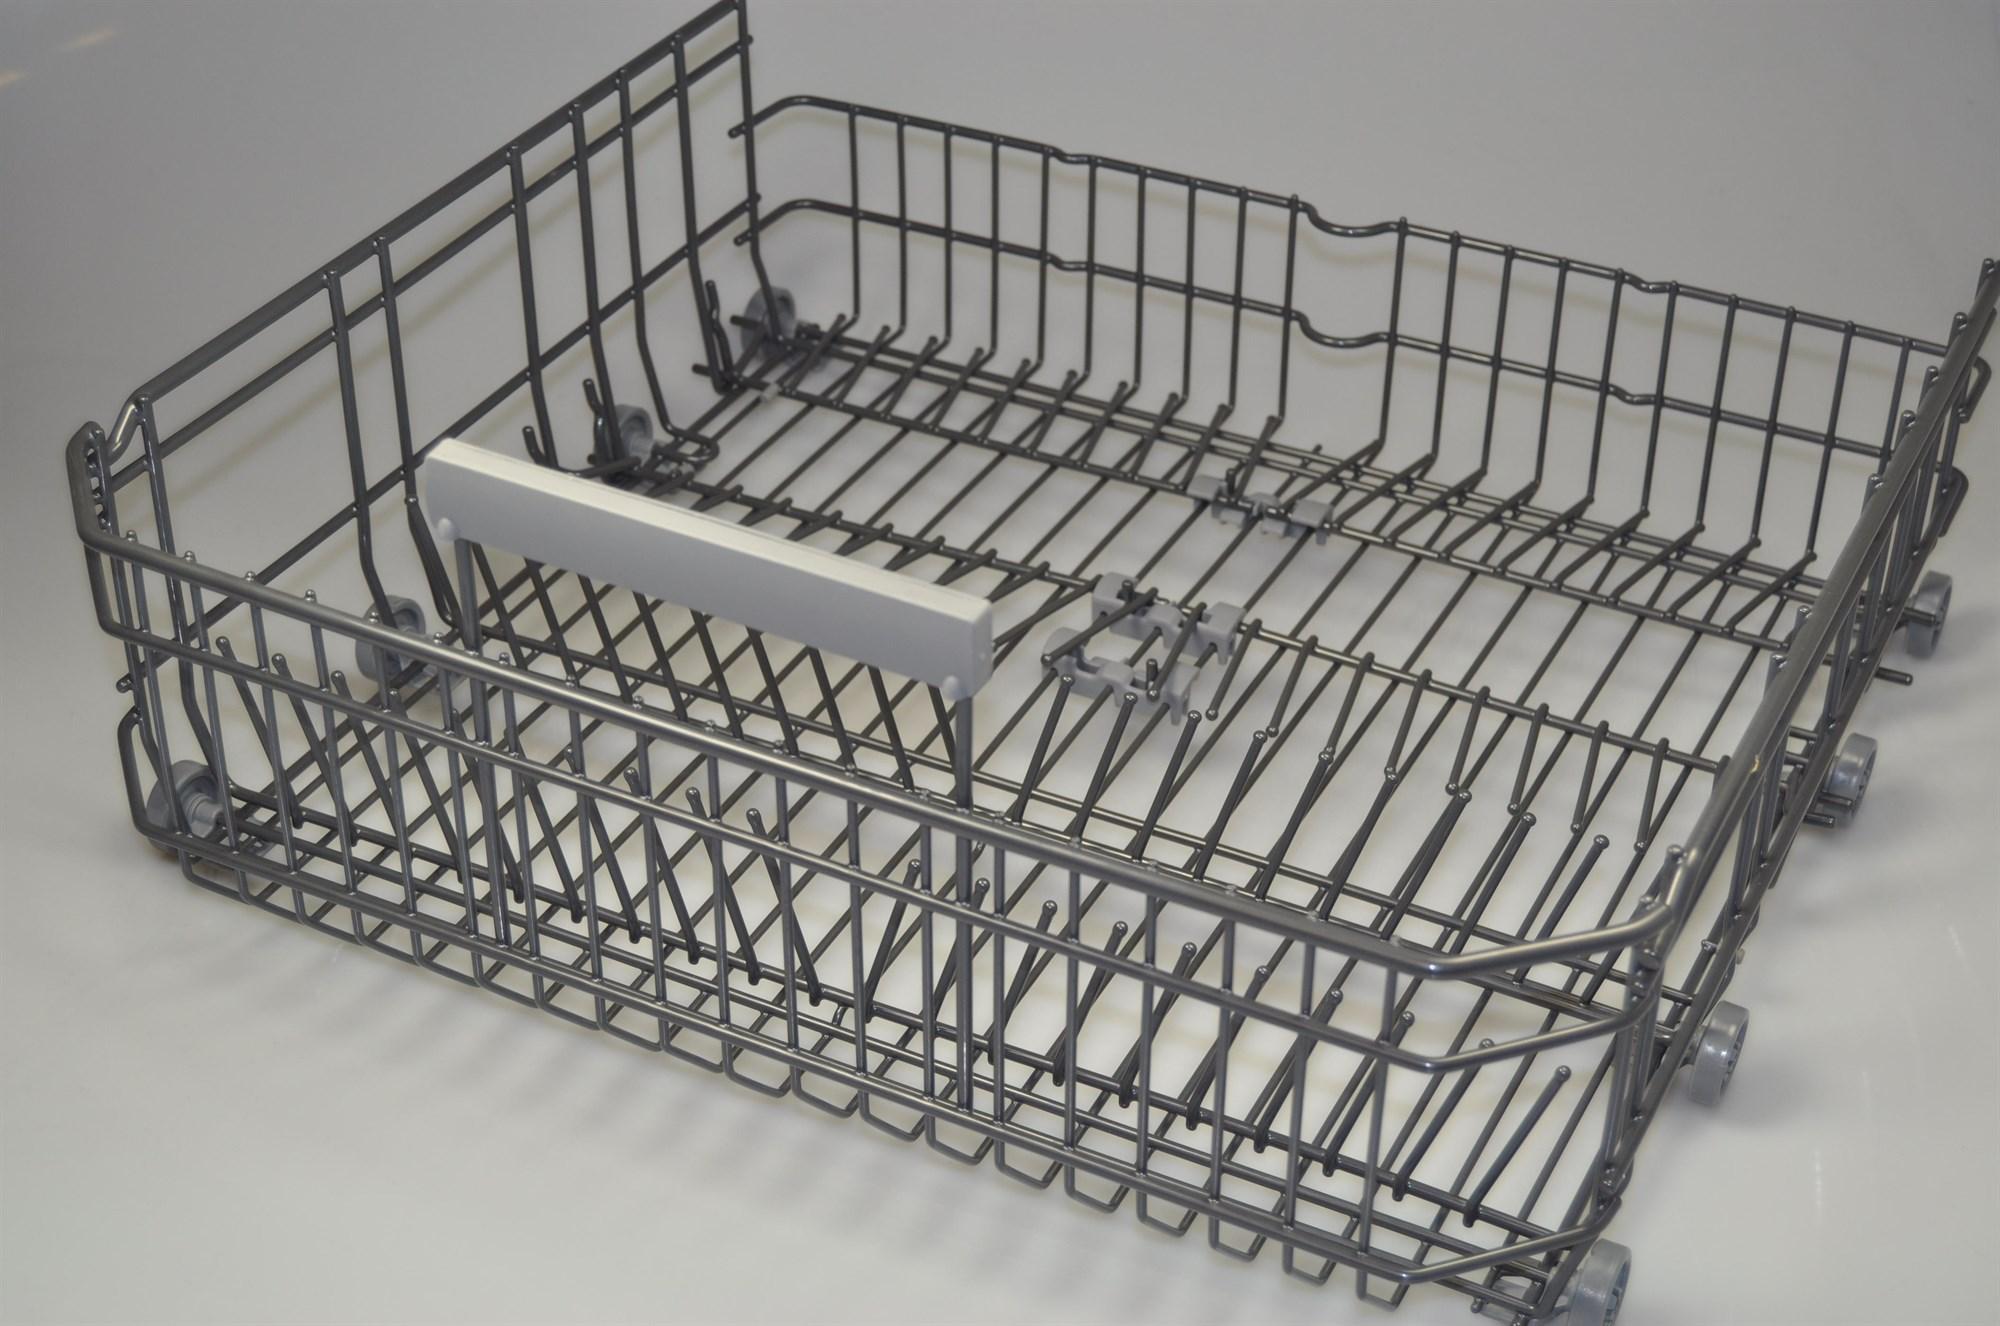 panier asko lave vaisselle inf rieur. Black Bedroom Furniture Sets. Home Design Ideas